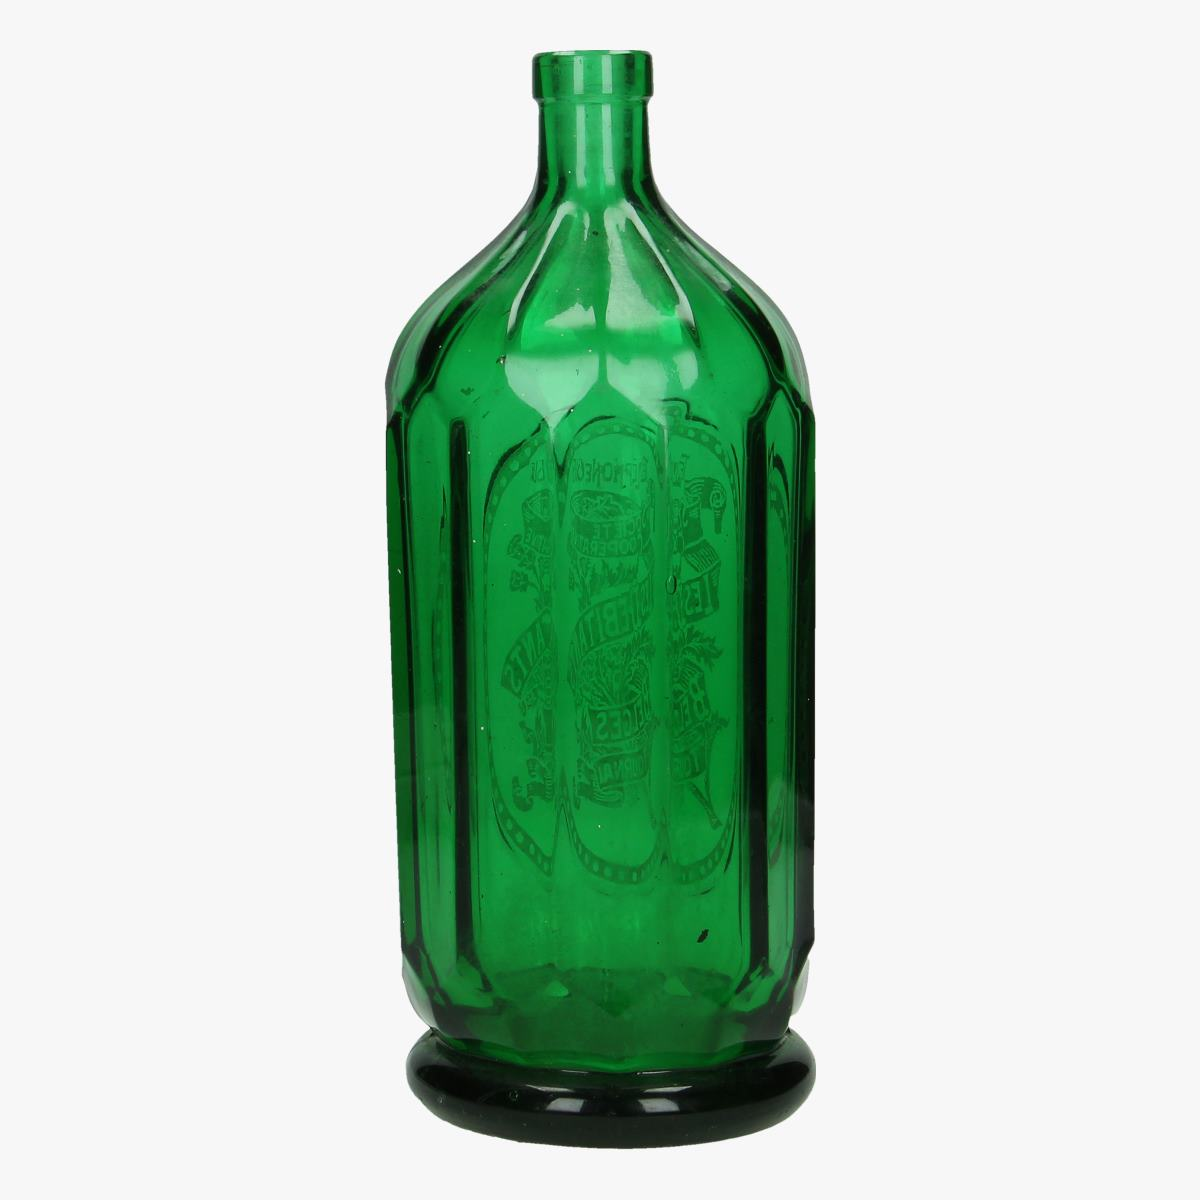 Afbeeldingen van oude soda fles les debitants Belges  Tournai